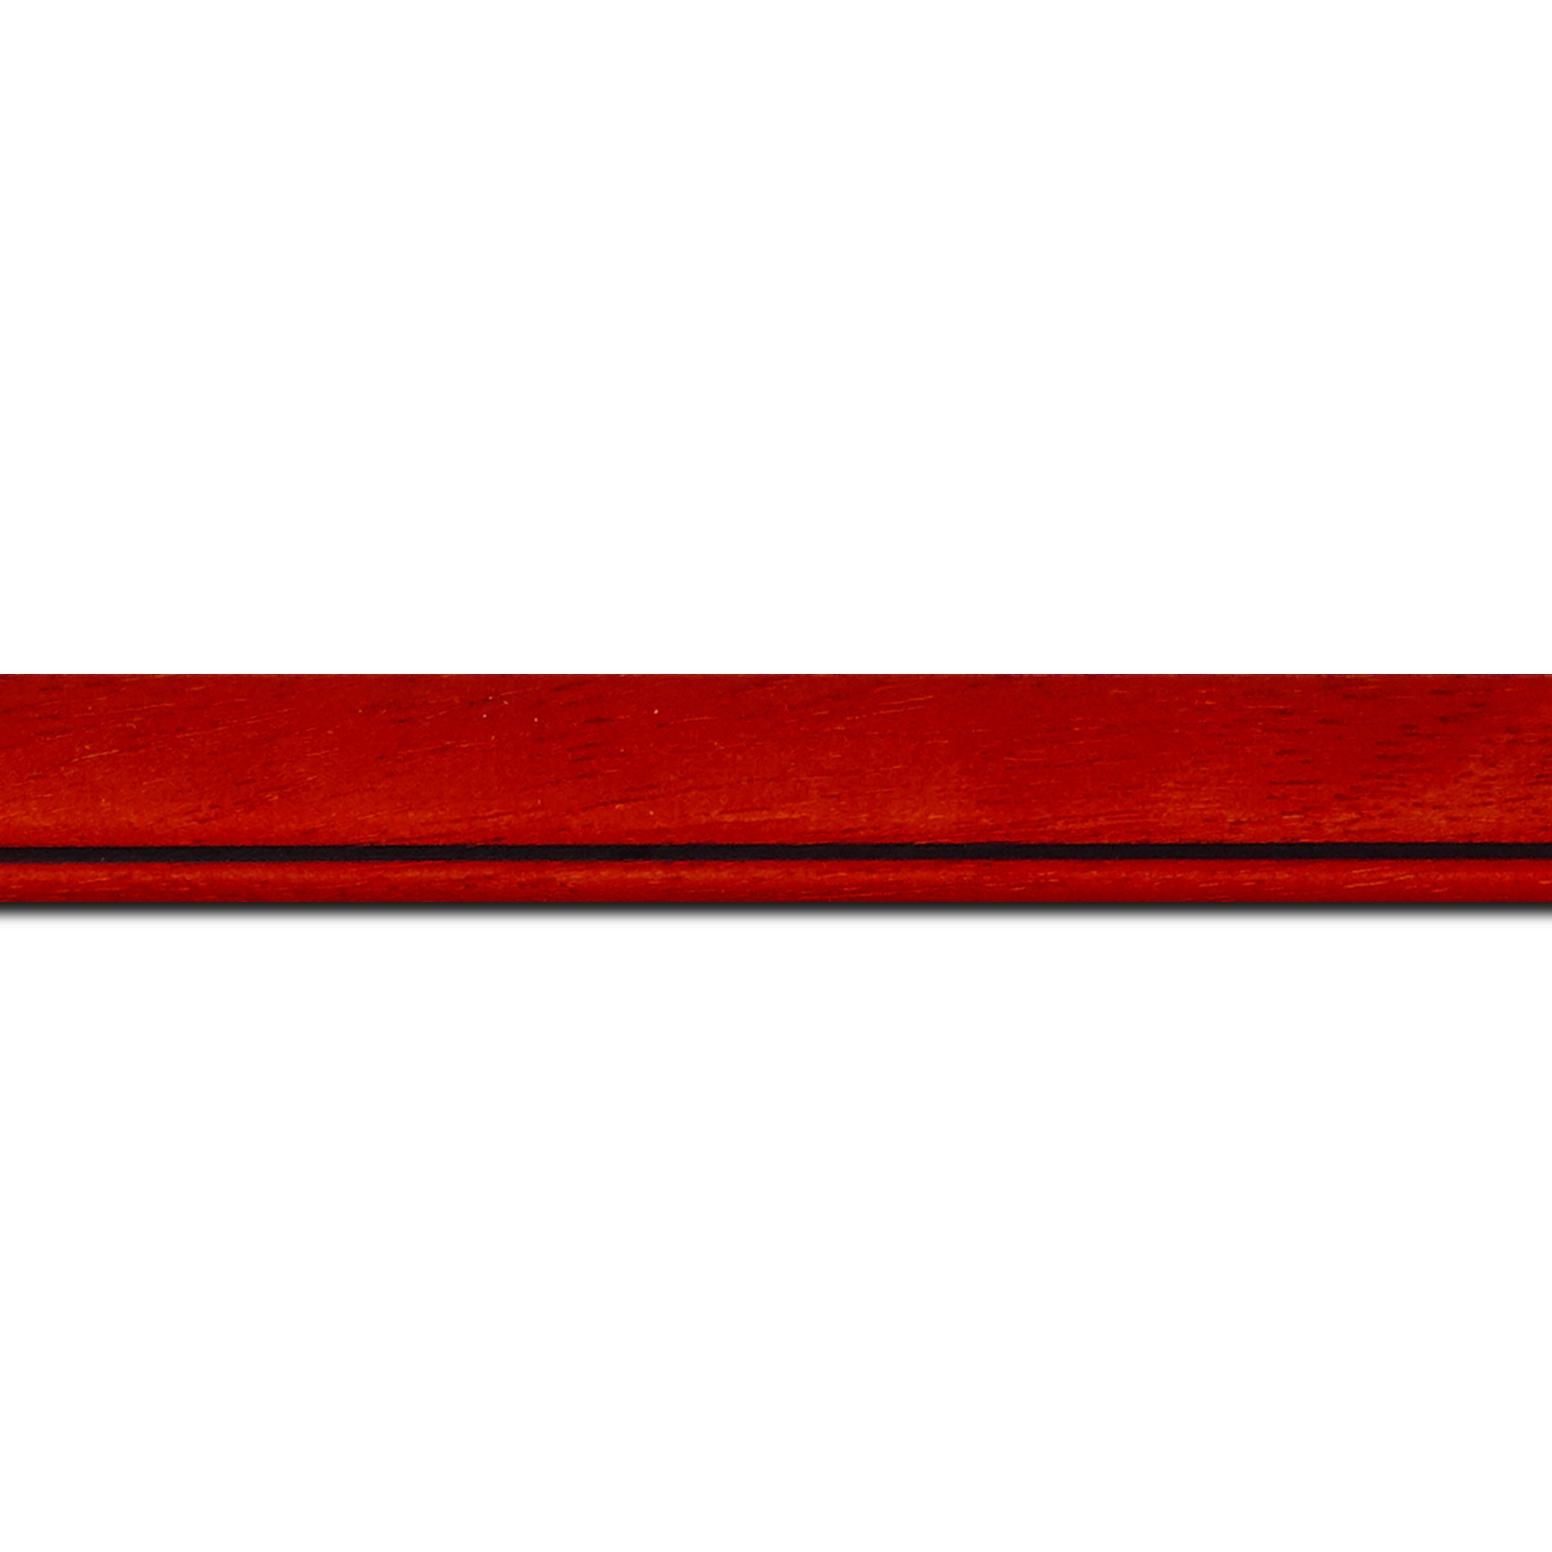 Baguette service précoupé bois profil bombé largeur 2.4cm couleur rouge cerise satiné filet noir